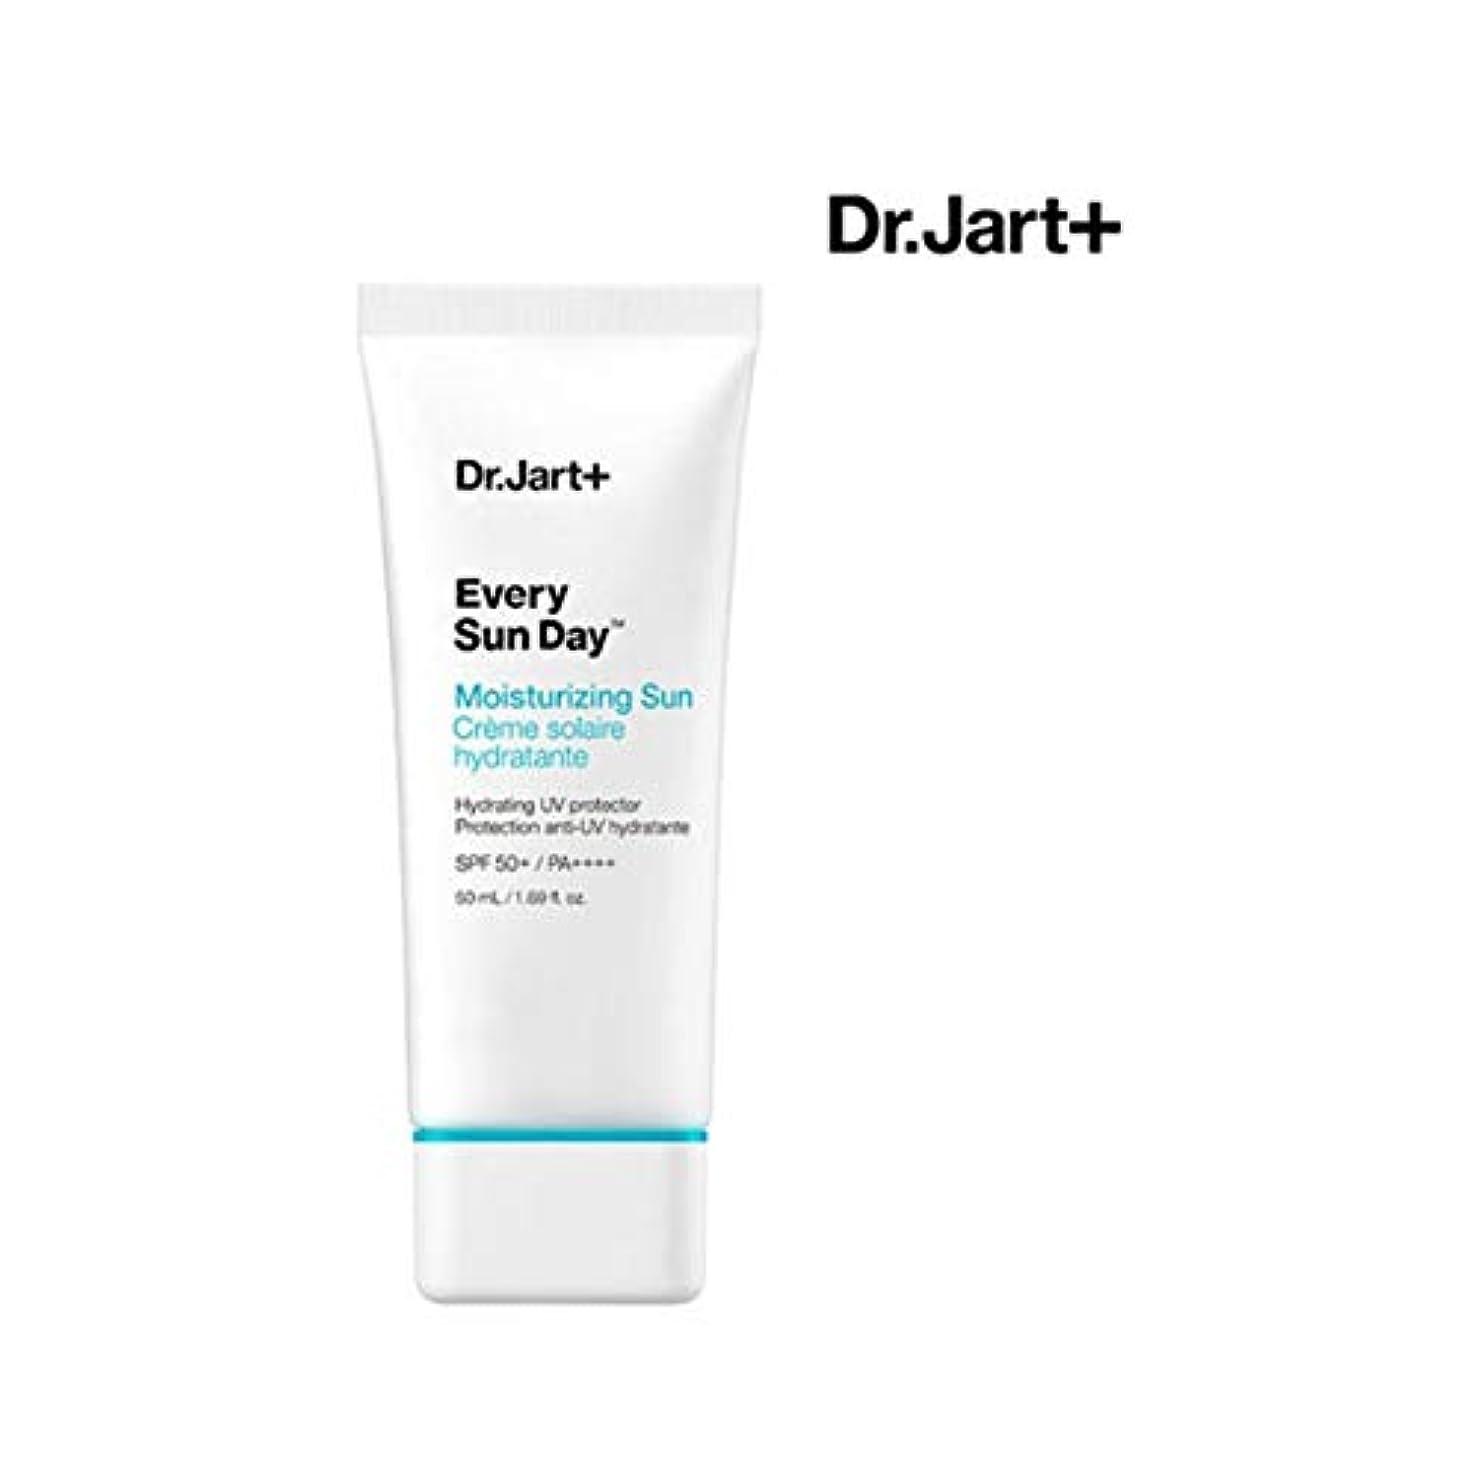 間隔太字法王ドクタージャルトゥエブリサンデーモイスチャーライジングサン50mlサンクリーム韓国コスメ、Dr.Jart Every Sun Day Moisturizing Sun 50ml Sun Cream Korean Cosmetics...